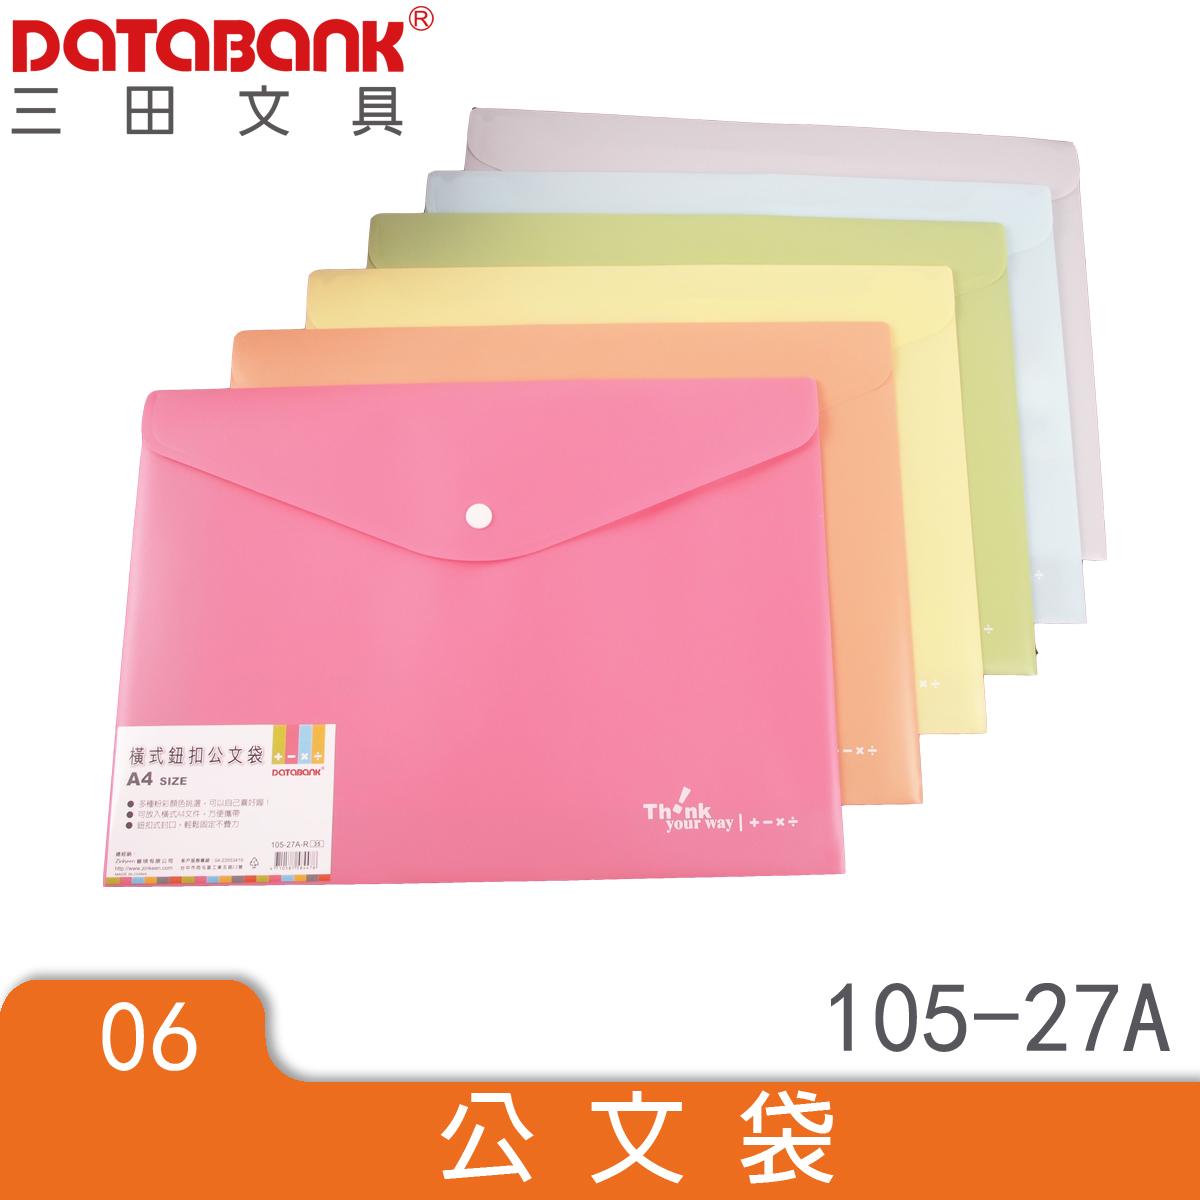 A4橫式鈕扣公文袋12入組105-27A 6色可選可當文具袋資料袋收納袋型錄收納袋DATABANK